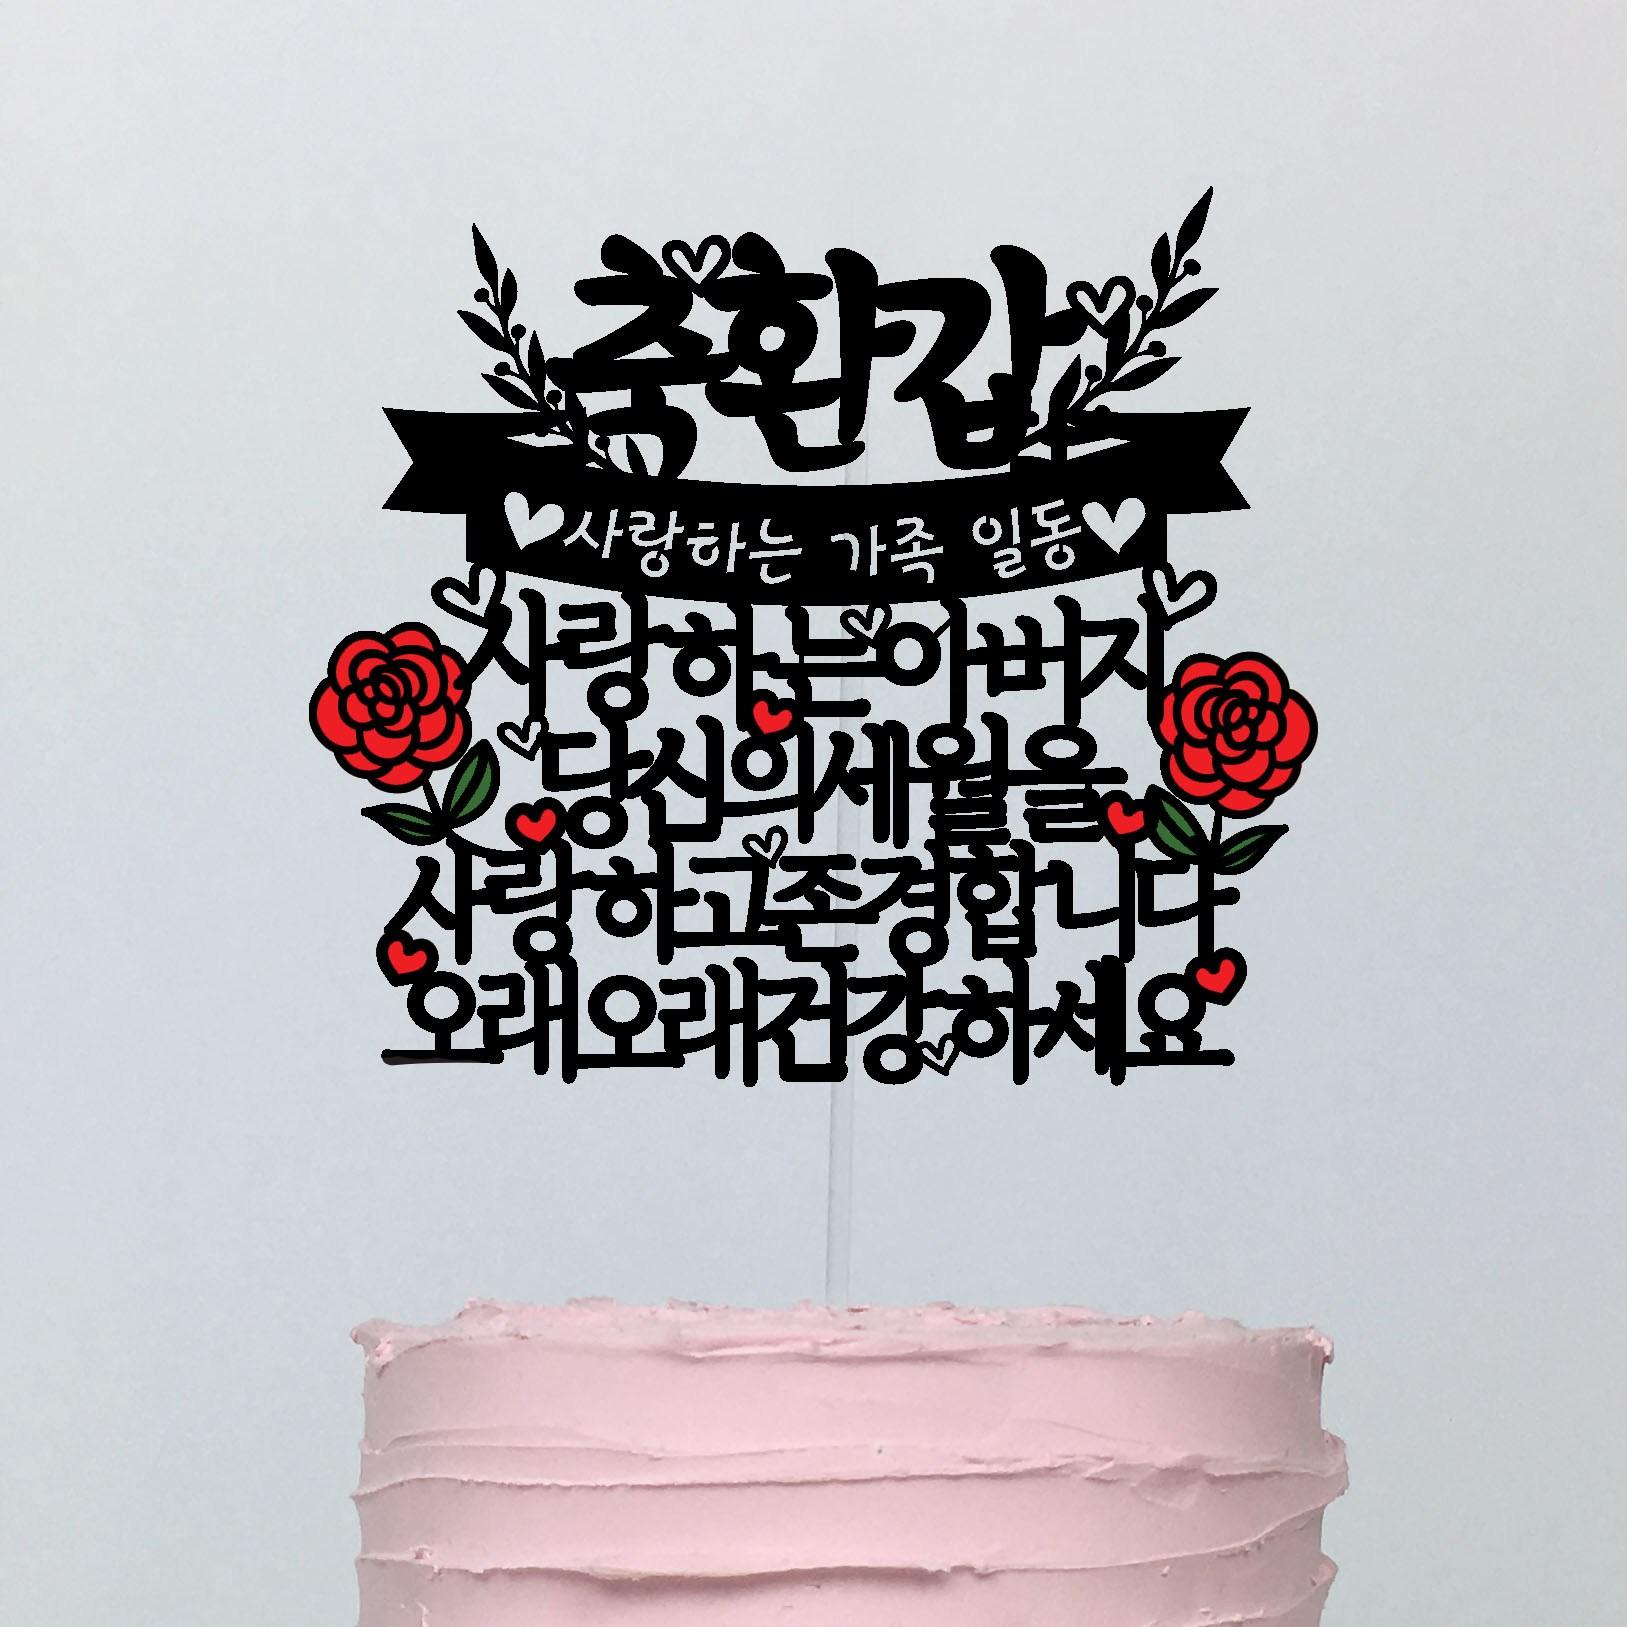 써봄토퍼 부모님선물 편지 생신 환갑 고희 케이크토퍼, 축환갑-아버지